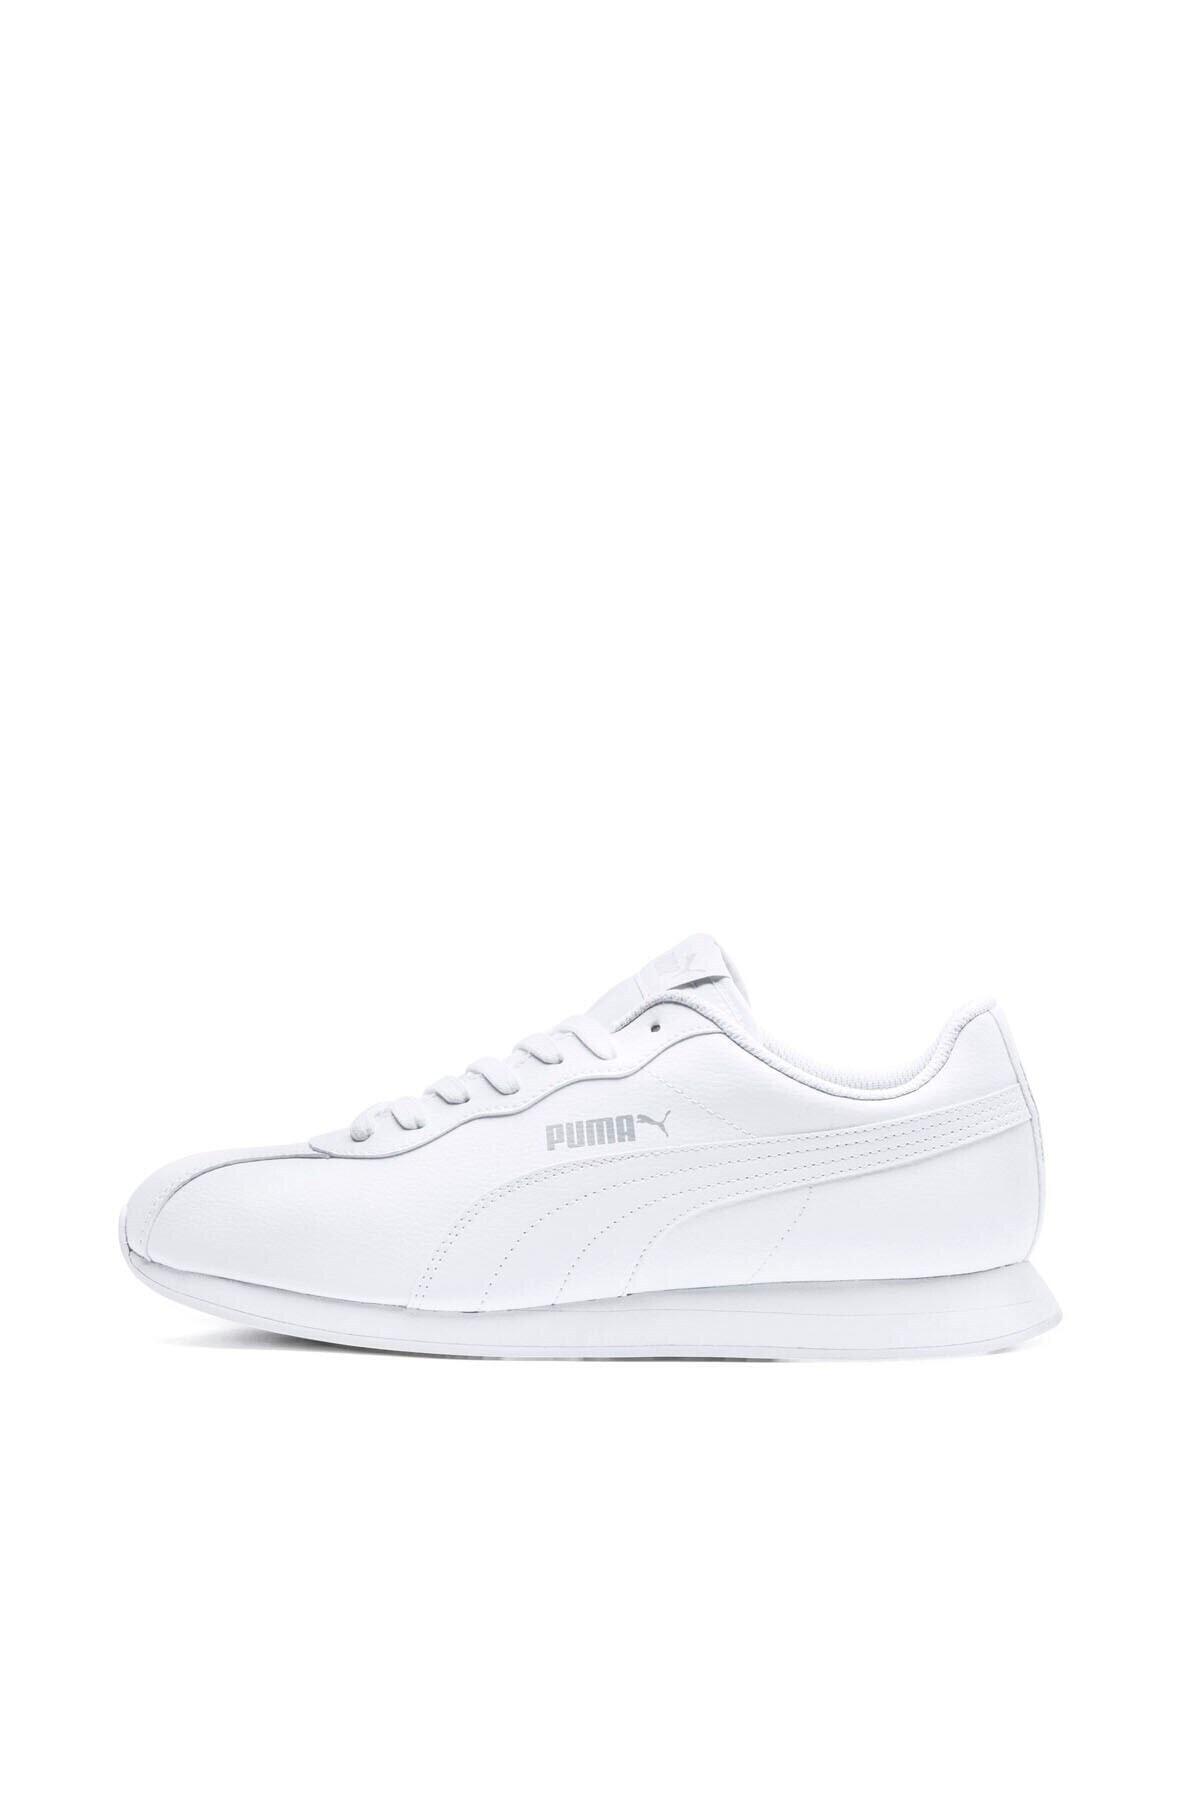 Puma TURIN II Beyaz Erkek Sneaker Ayakkabı 100352193 2